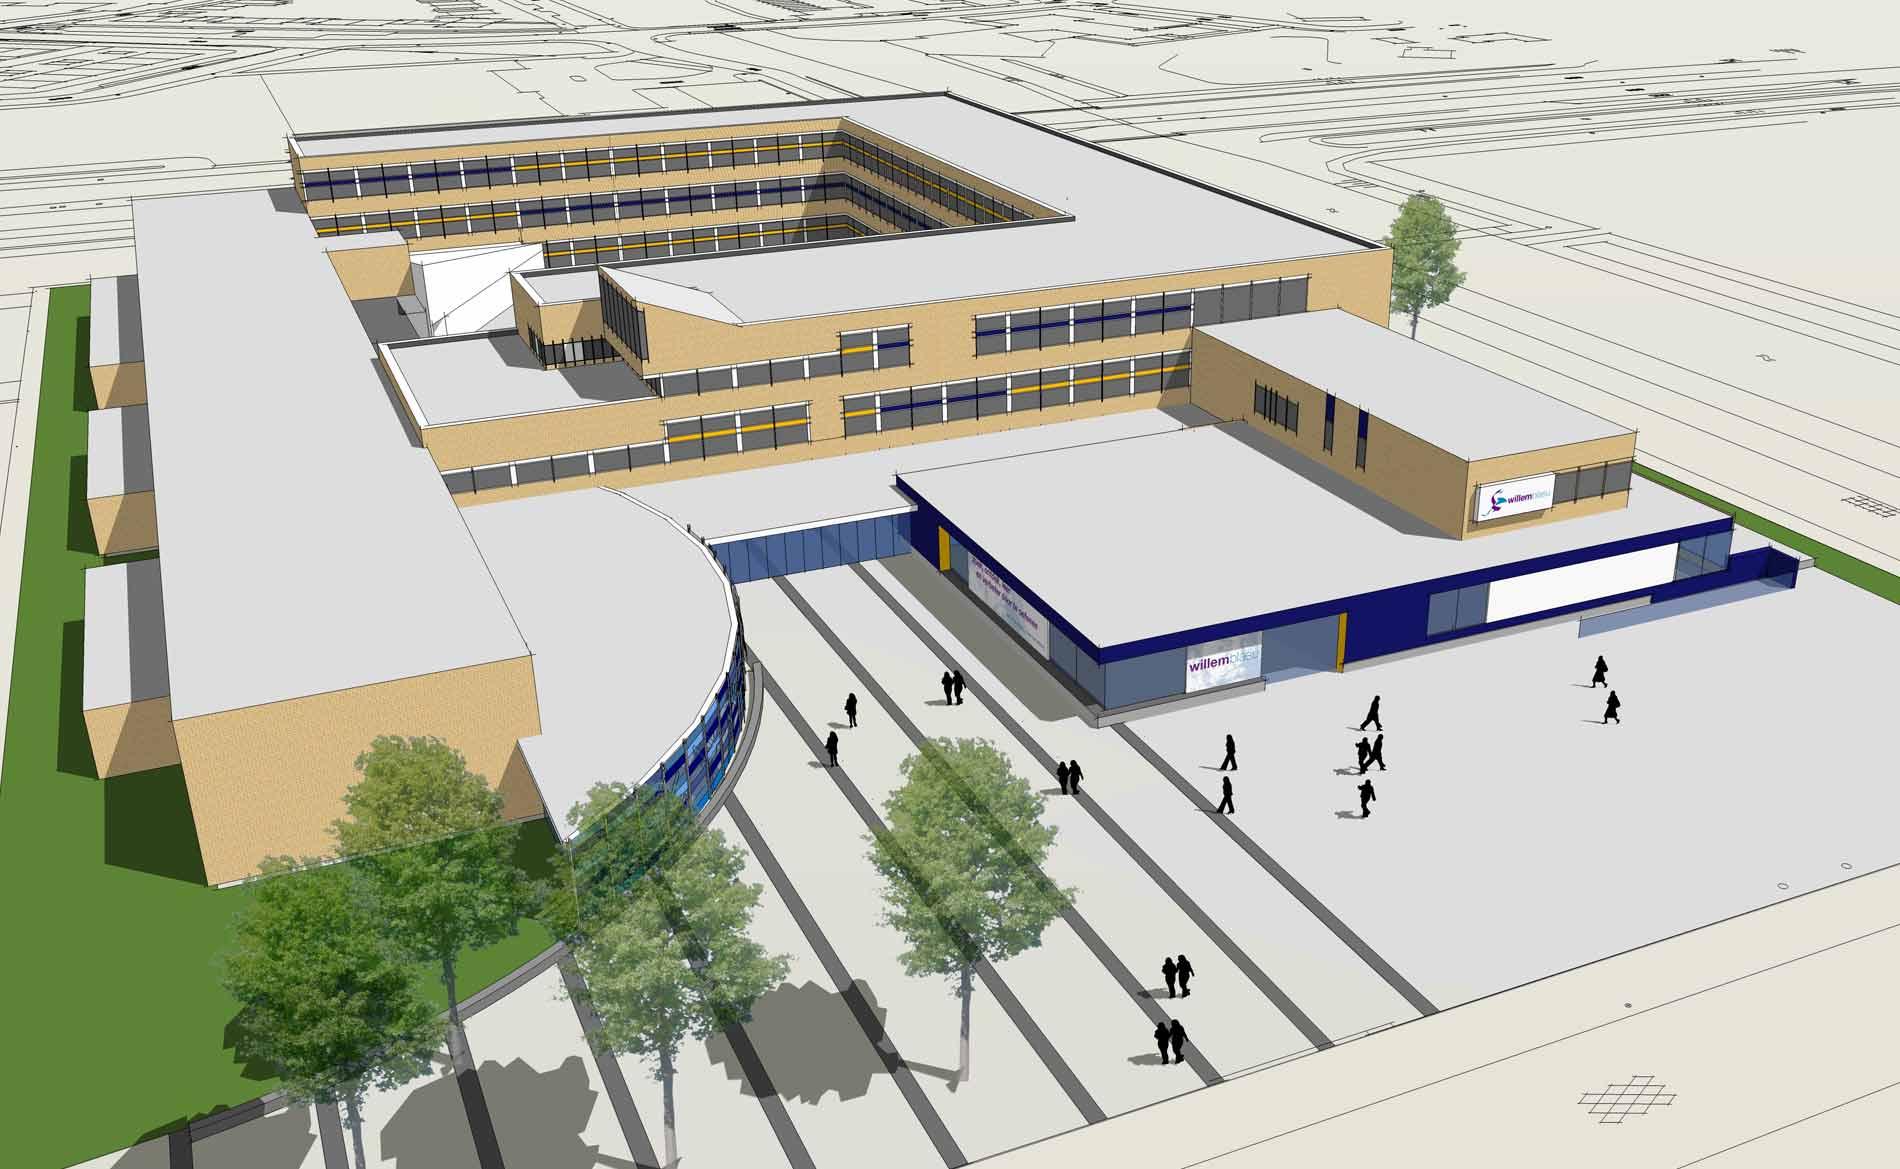 architect scholen voorgezet onderwijs renovatie schoolgebouw Willem Blaeu Alkmaar BBHD architecten